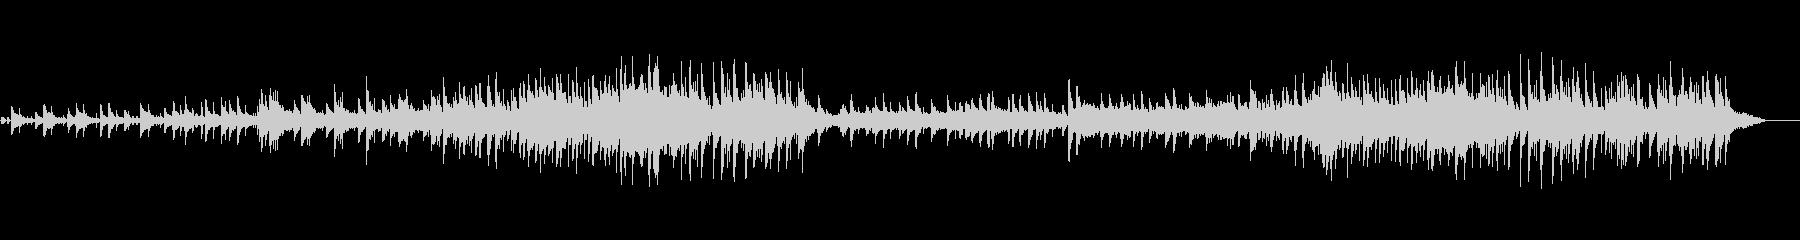 じっくり聴かせる洋楽風スロー・バラードの未再生の波形